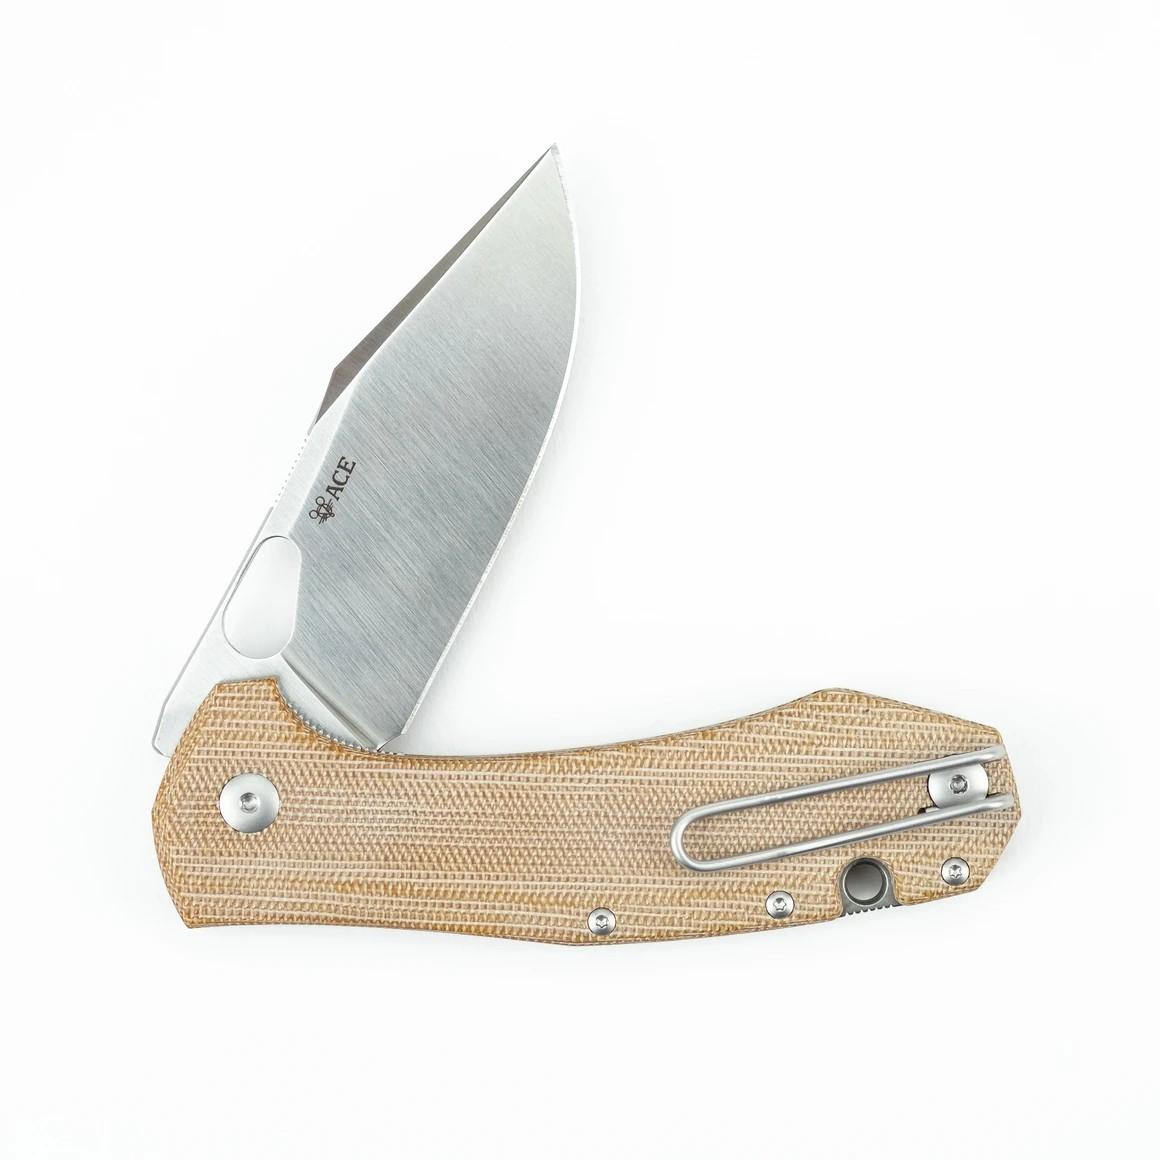 giantmouse knives ace grand micarta folder knife